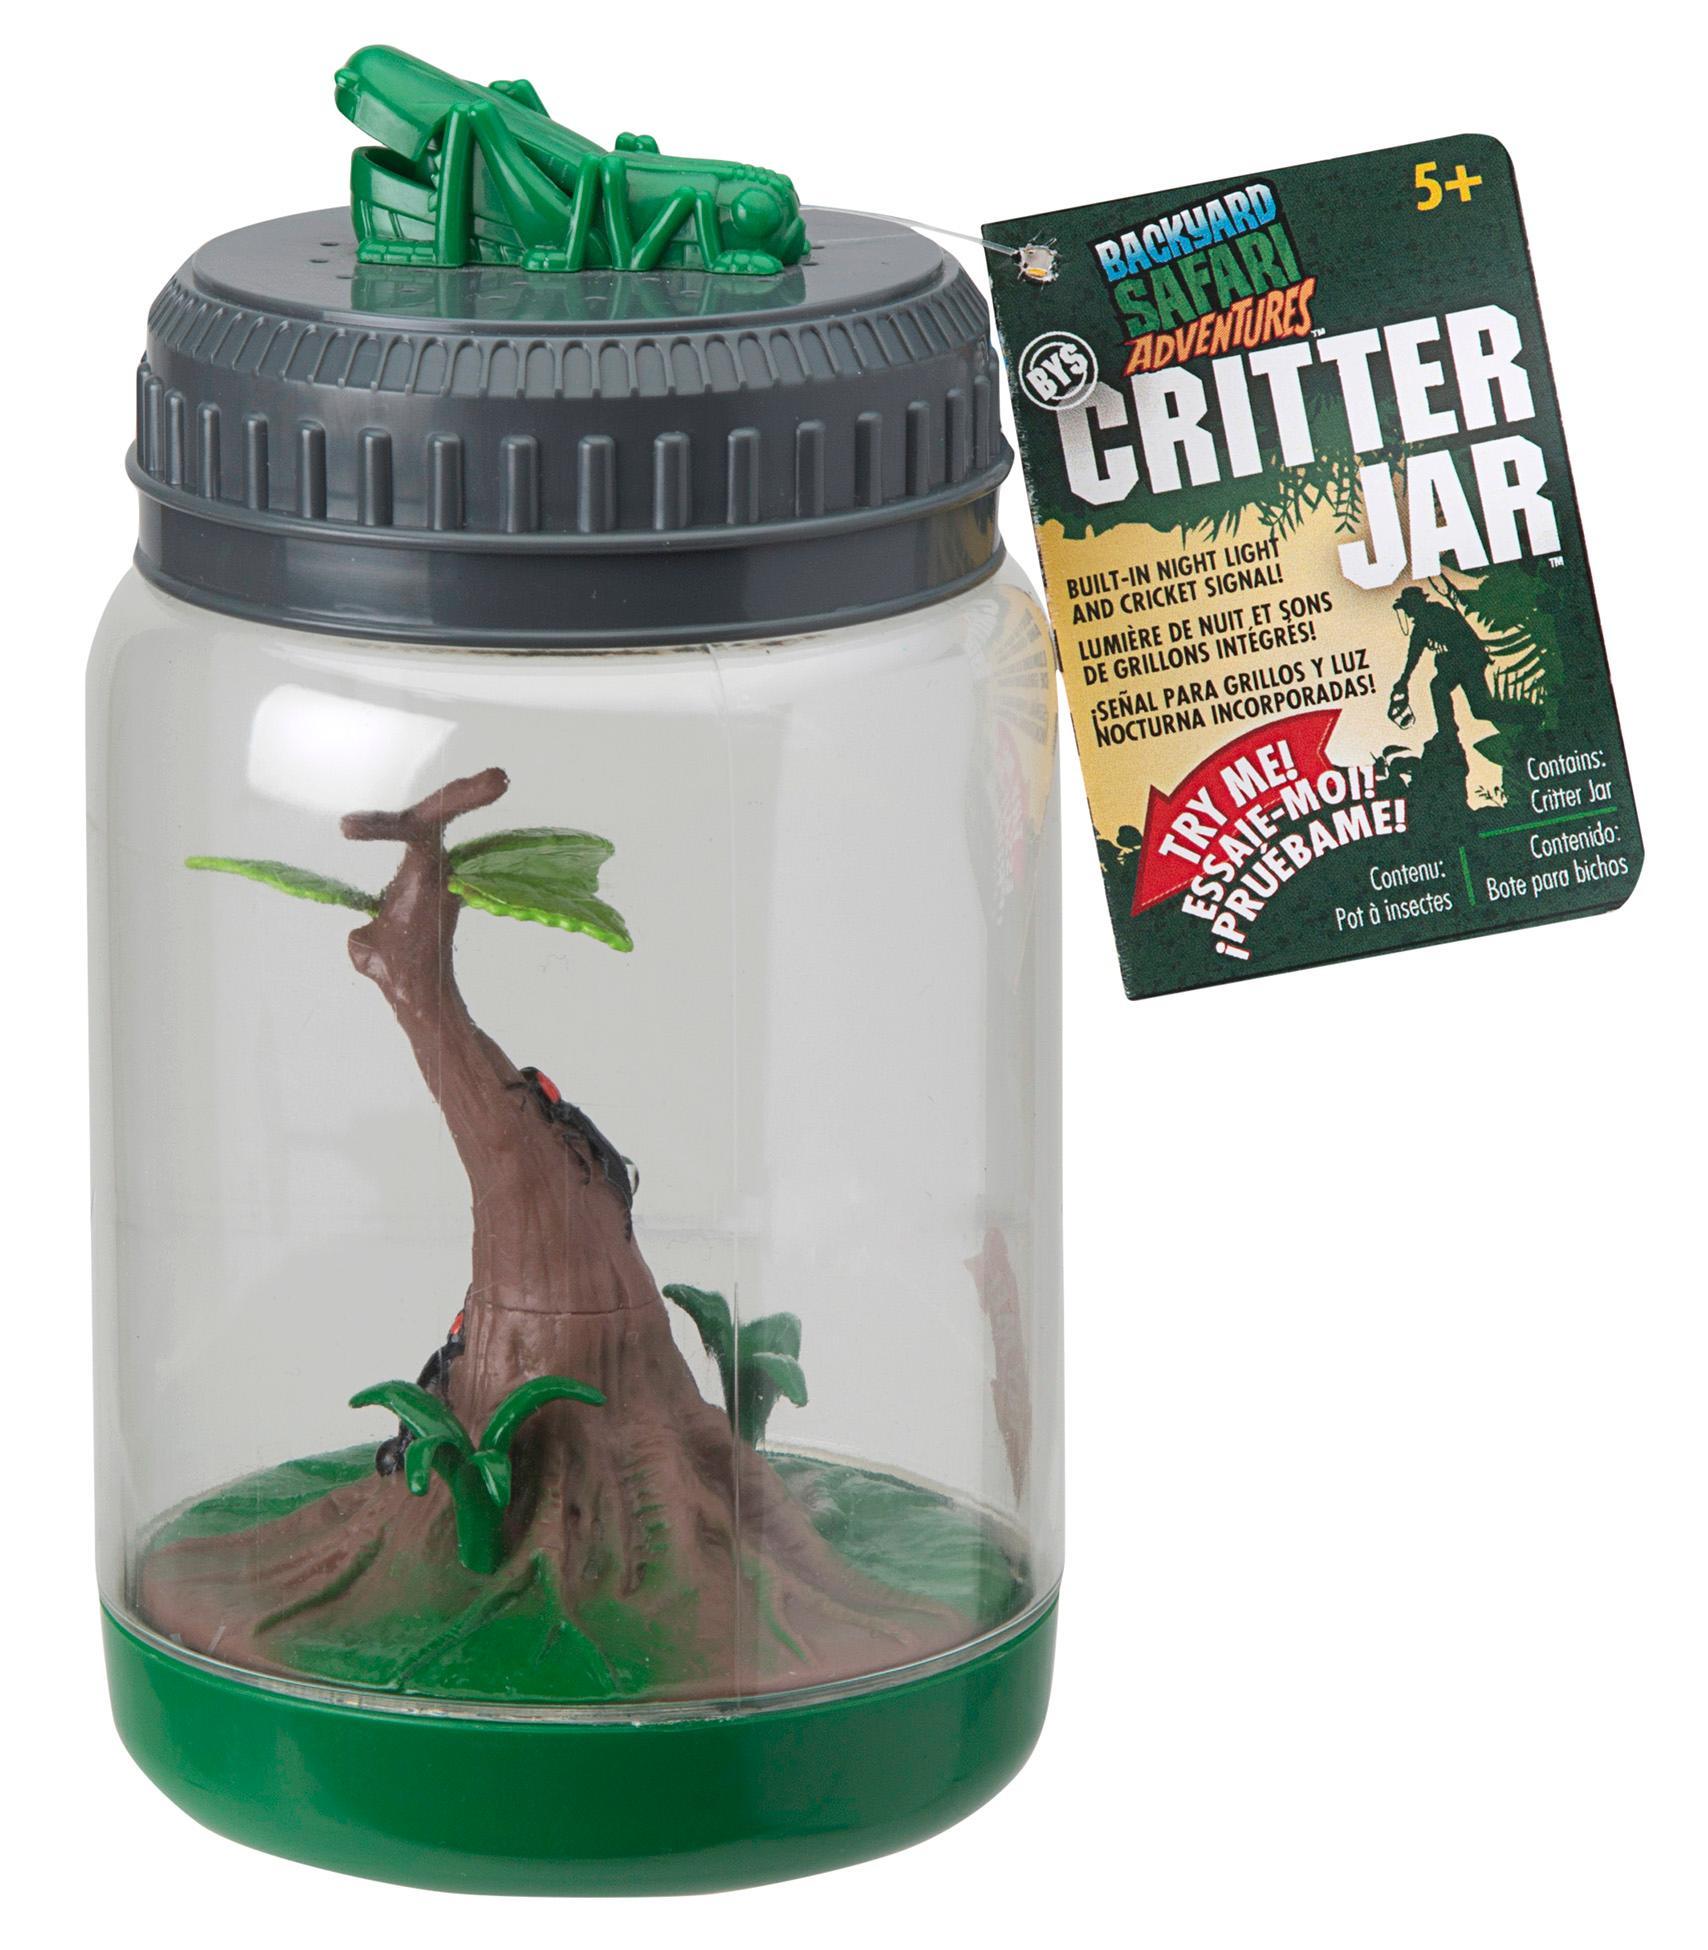 backyard safari critter jar toys games